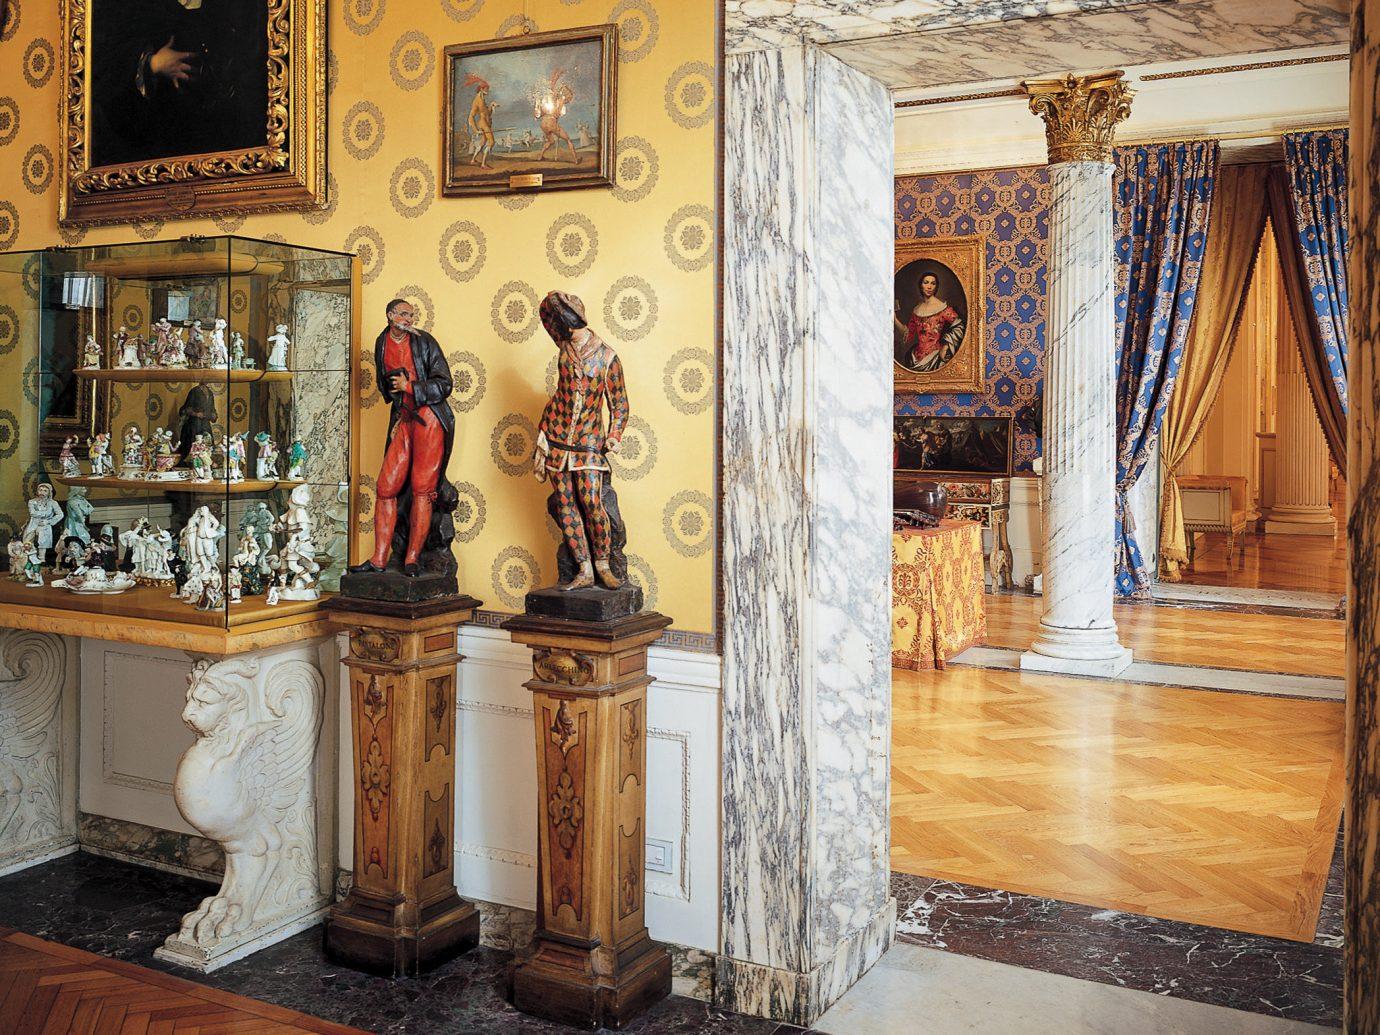 Arts + Culture Italy Milan tourist attraction furniture interior design antique flooring column